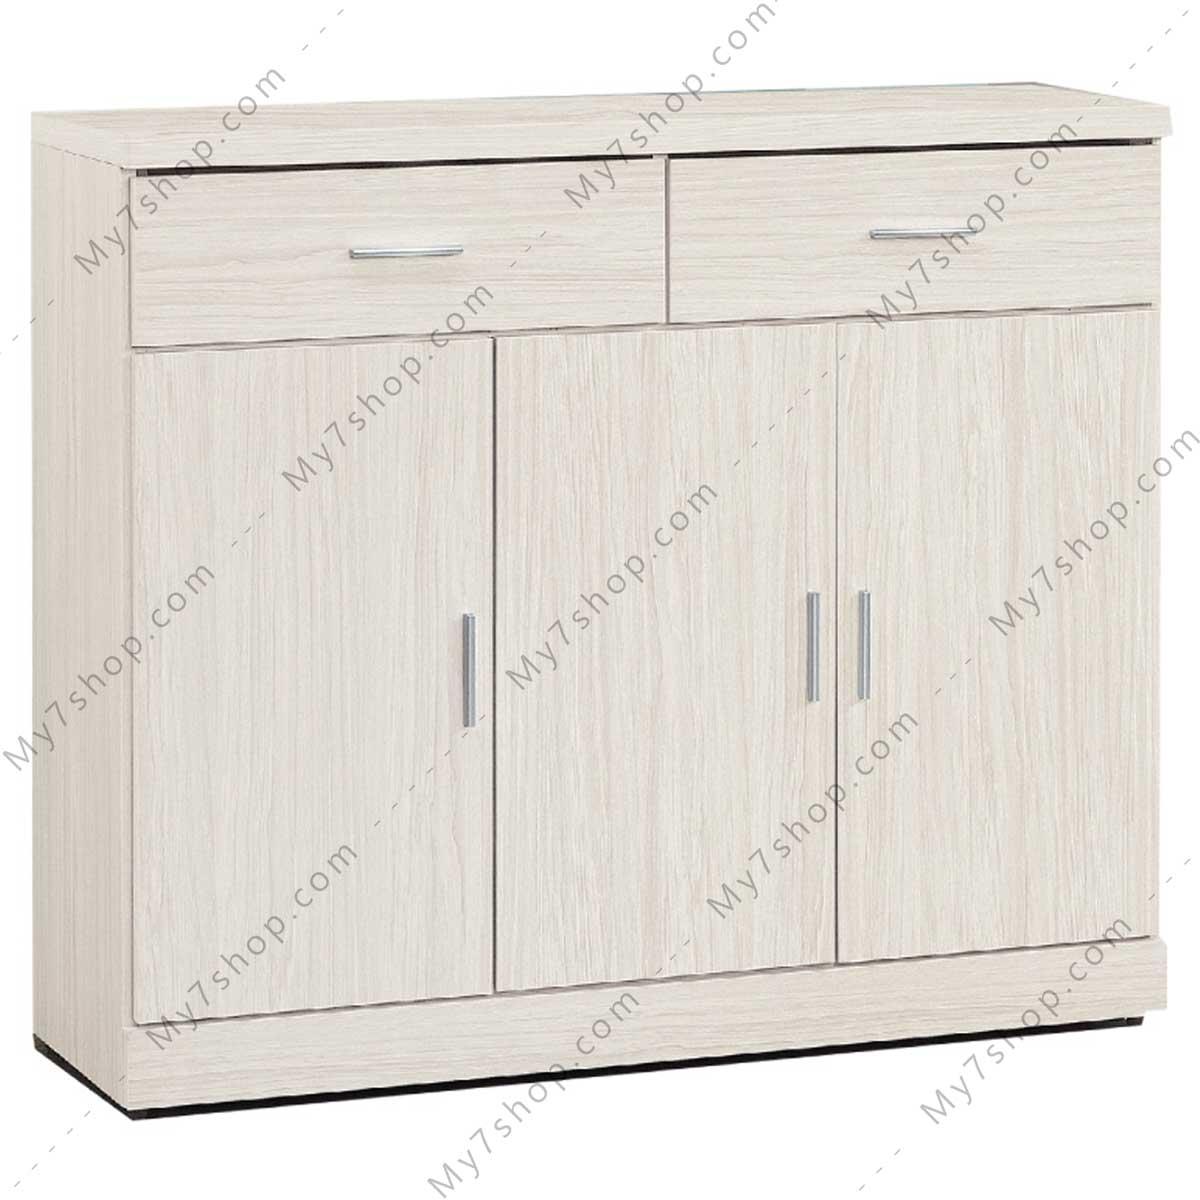 جاکفشی چوبی 9046